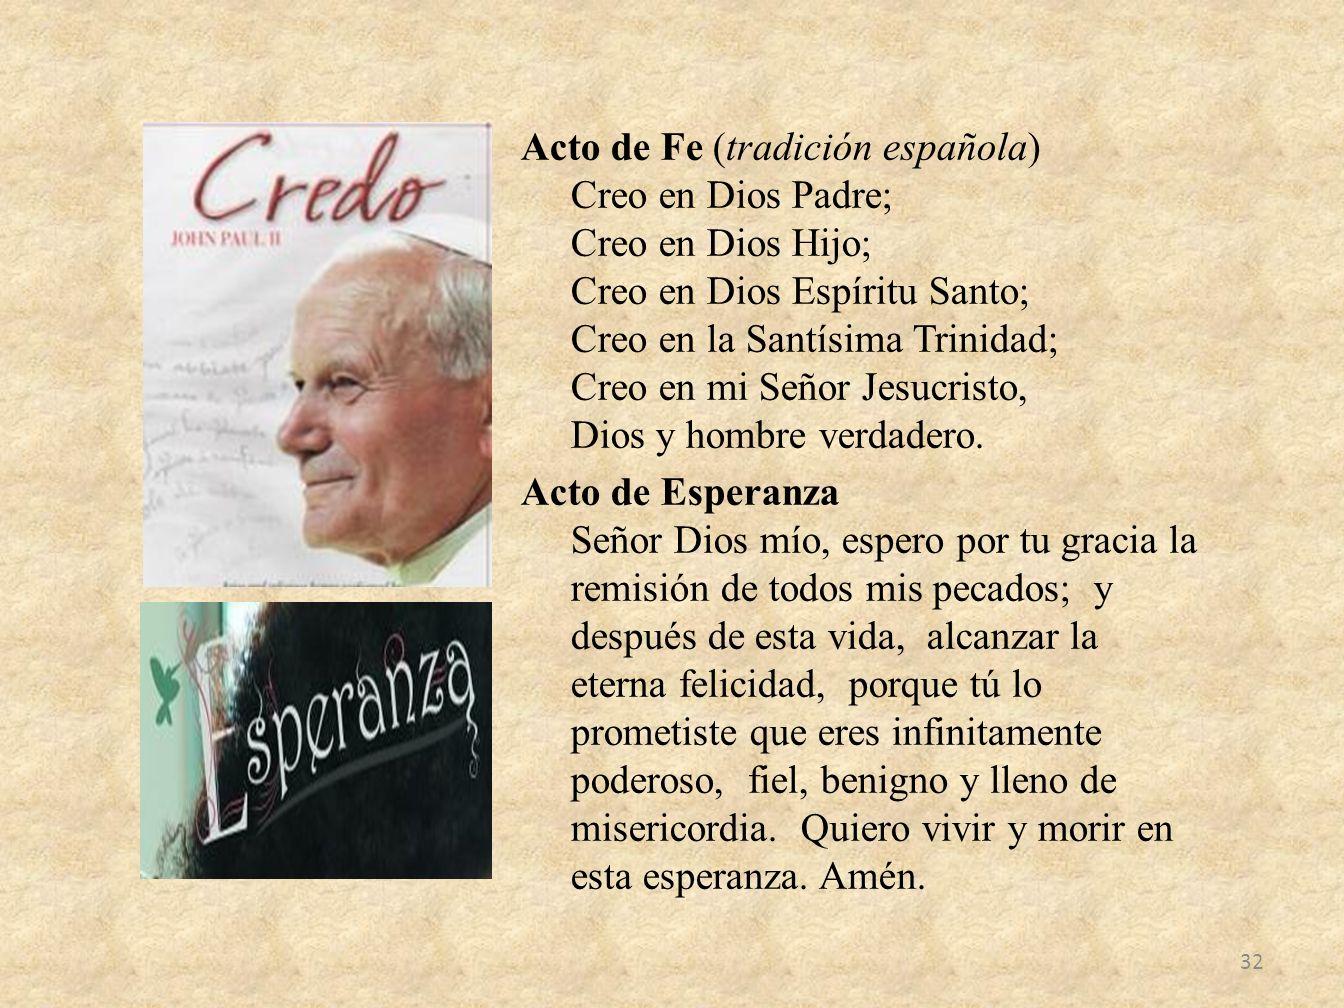 Acto de Fe (tradición española) Creo en Dios Padre; Creo en Dios Hijo; Creo en Dios Espíritu Santo; Creo en la Santísima Trinidad; Creo en mi Señor Je